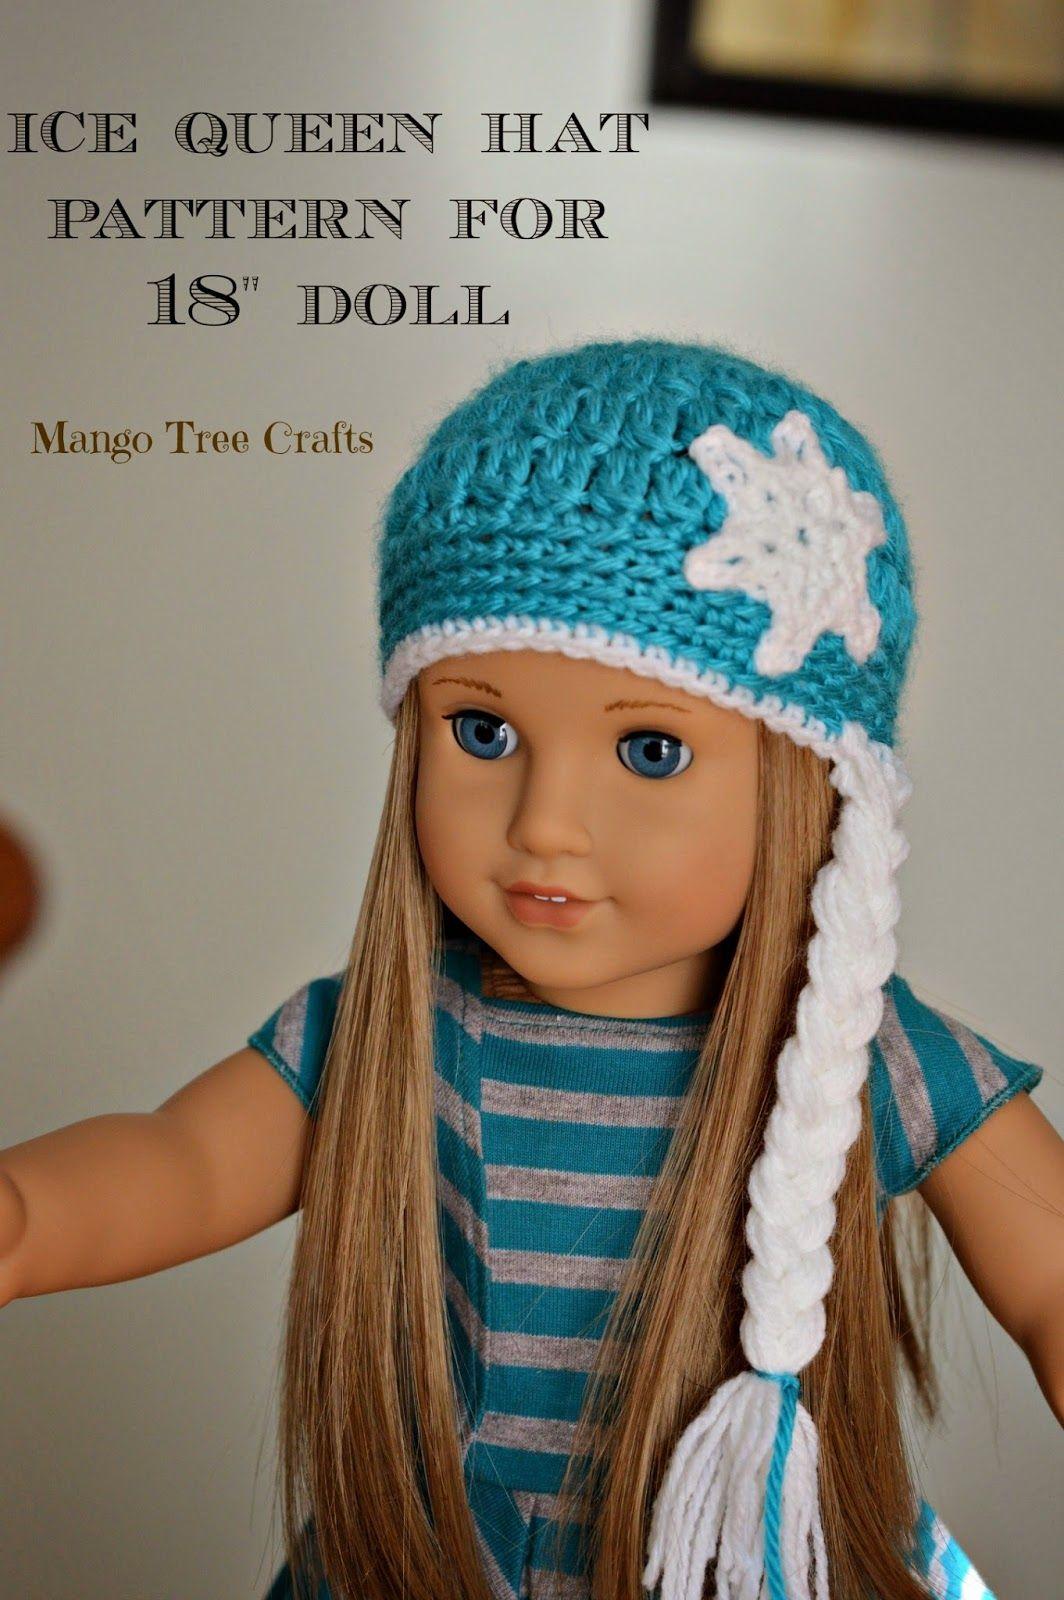 Ice queen crochet hat pattern for 18 doll mango tree crafts ice queen crochet hat pattern for 18 doll bankloansurffo Gallery